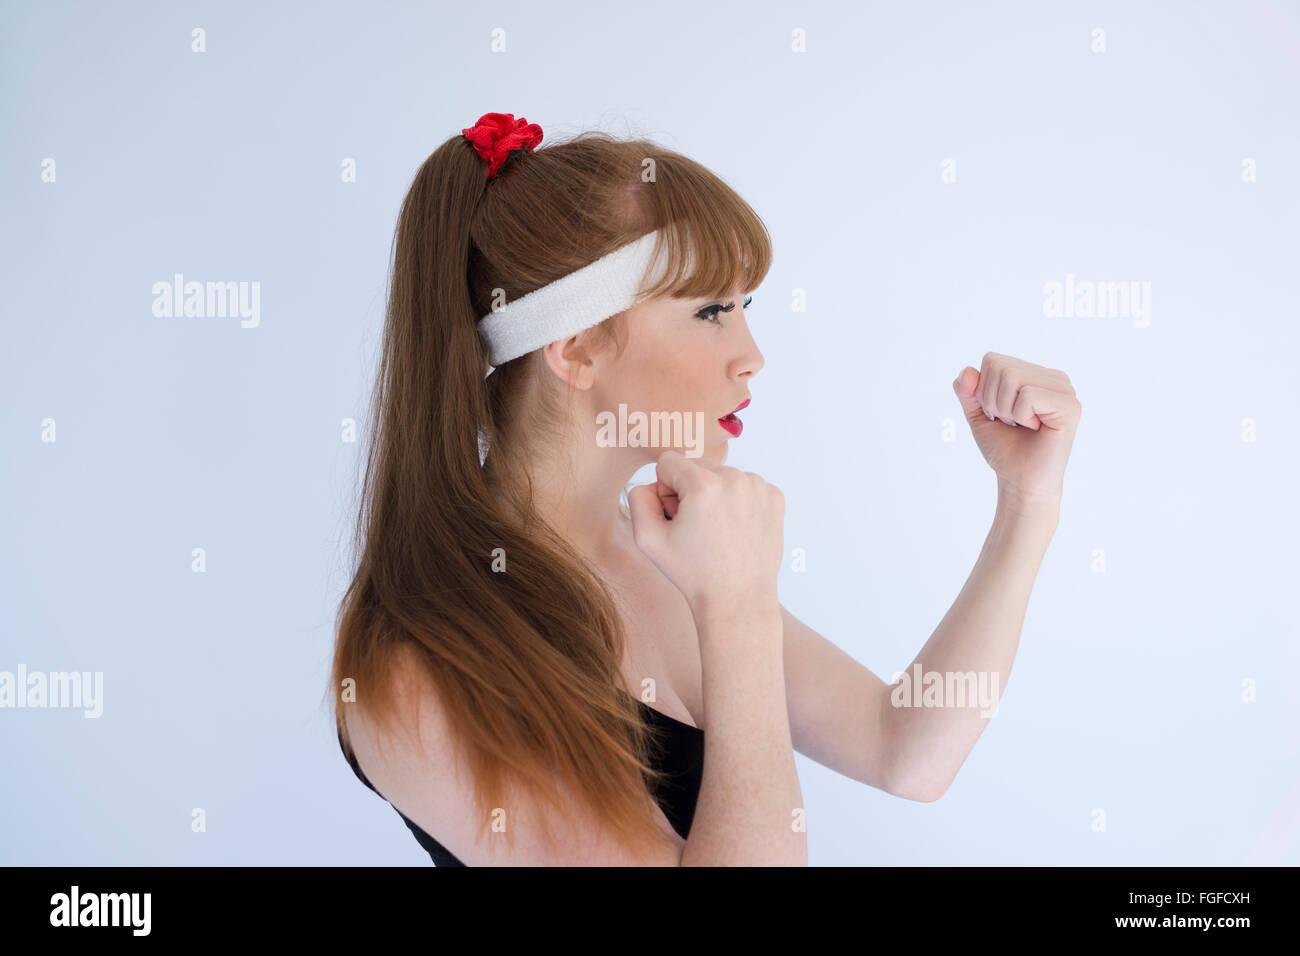 Femme aux longs cheveux bruns portant un bandeau de tête avec ses poings serrés se préparent à Photo Stock